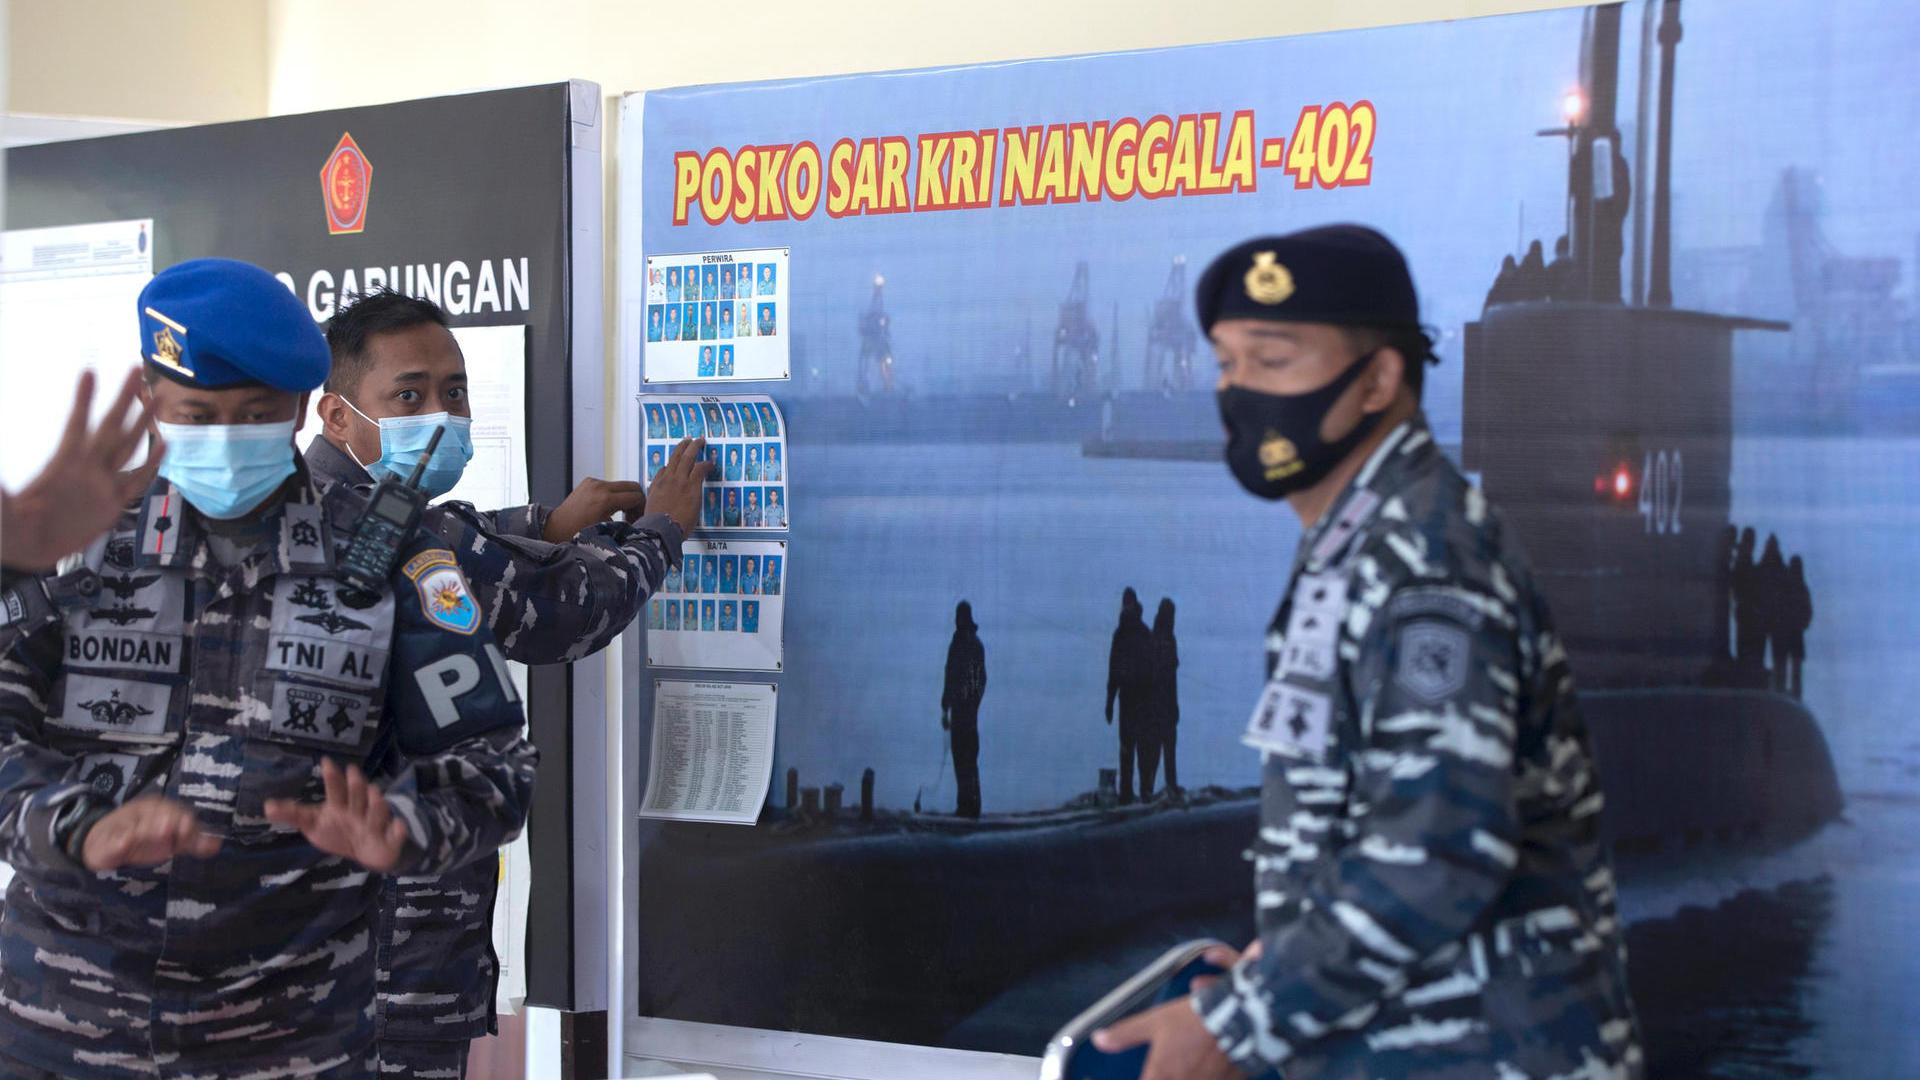 Submarine still missing off Bali – US sends aid